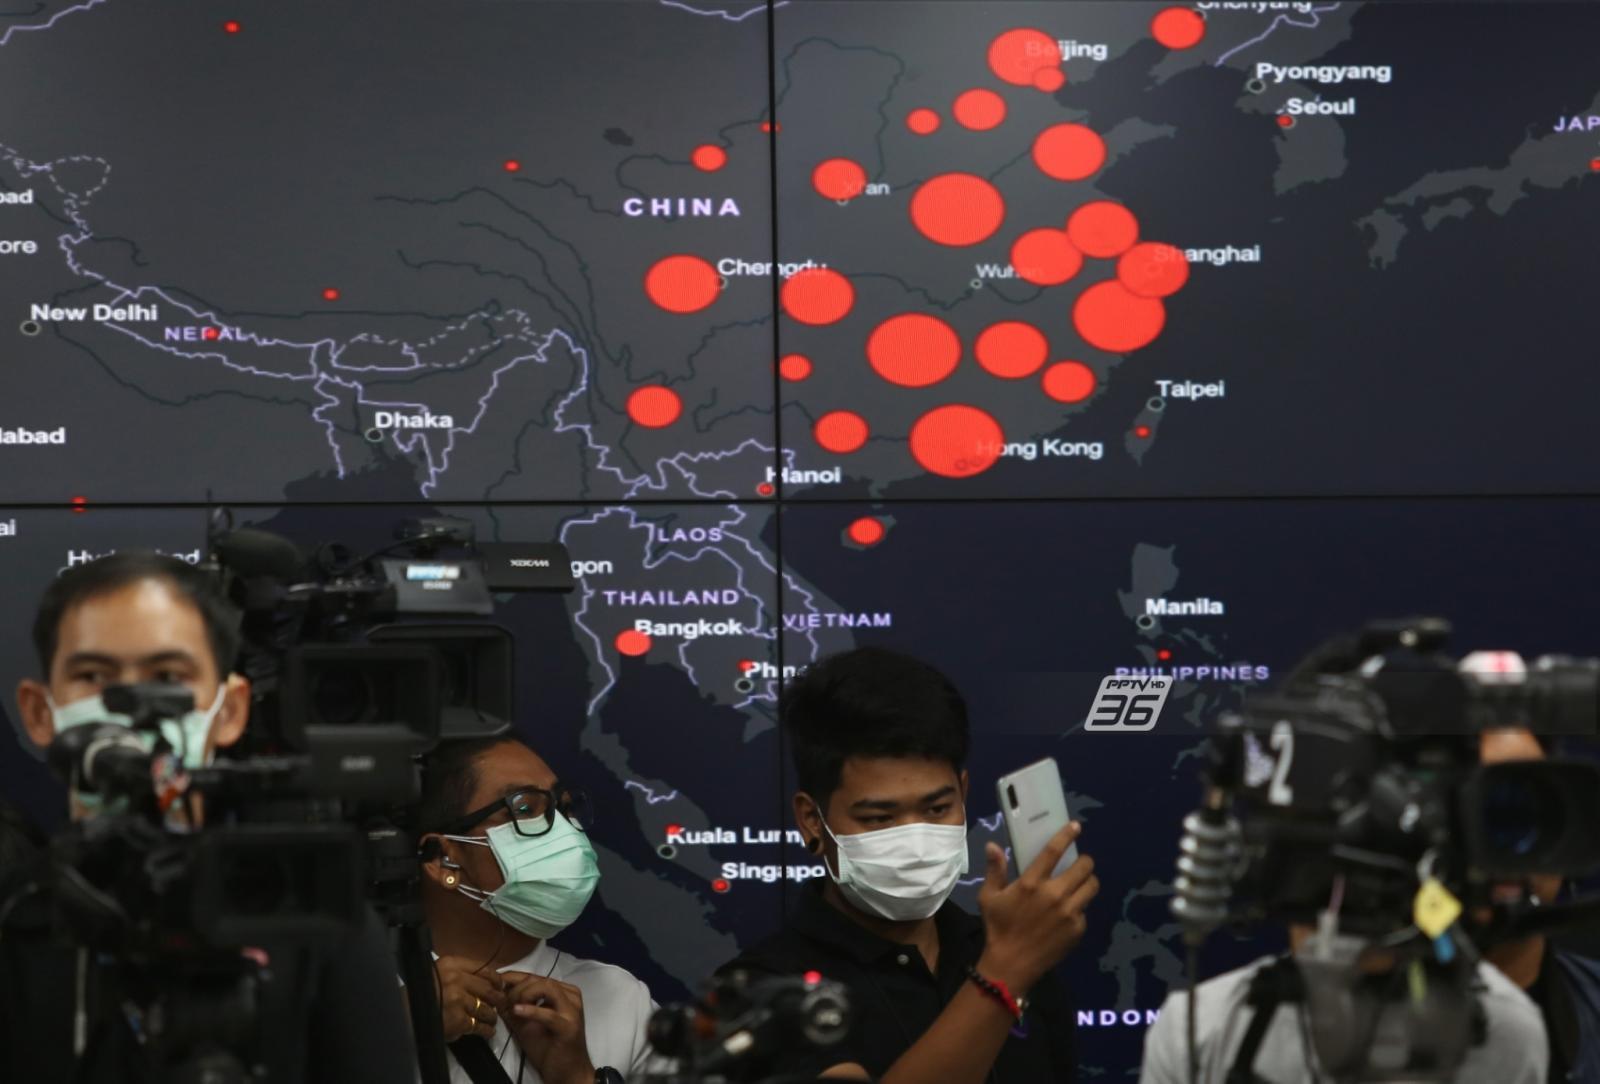 ไวรัสโคโรนา : สธ.เผยจนขณะนี้ยังไม่ทราบความรุนแรง-อัตราตายจากเชื้ออู่ฮั่น